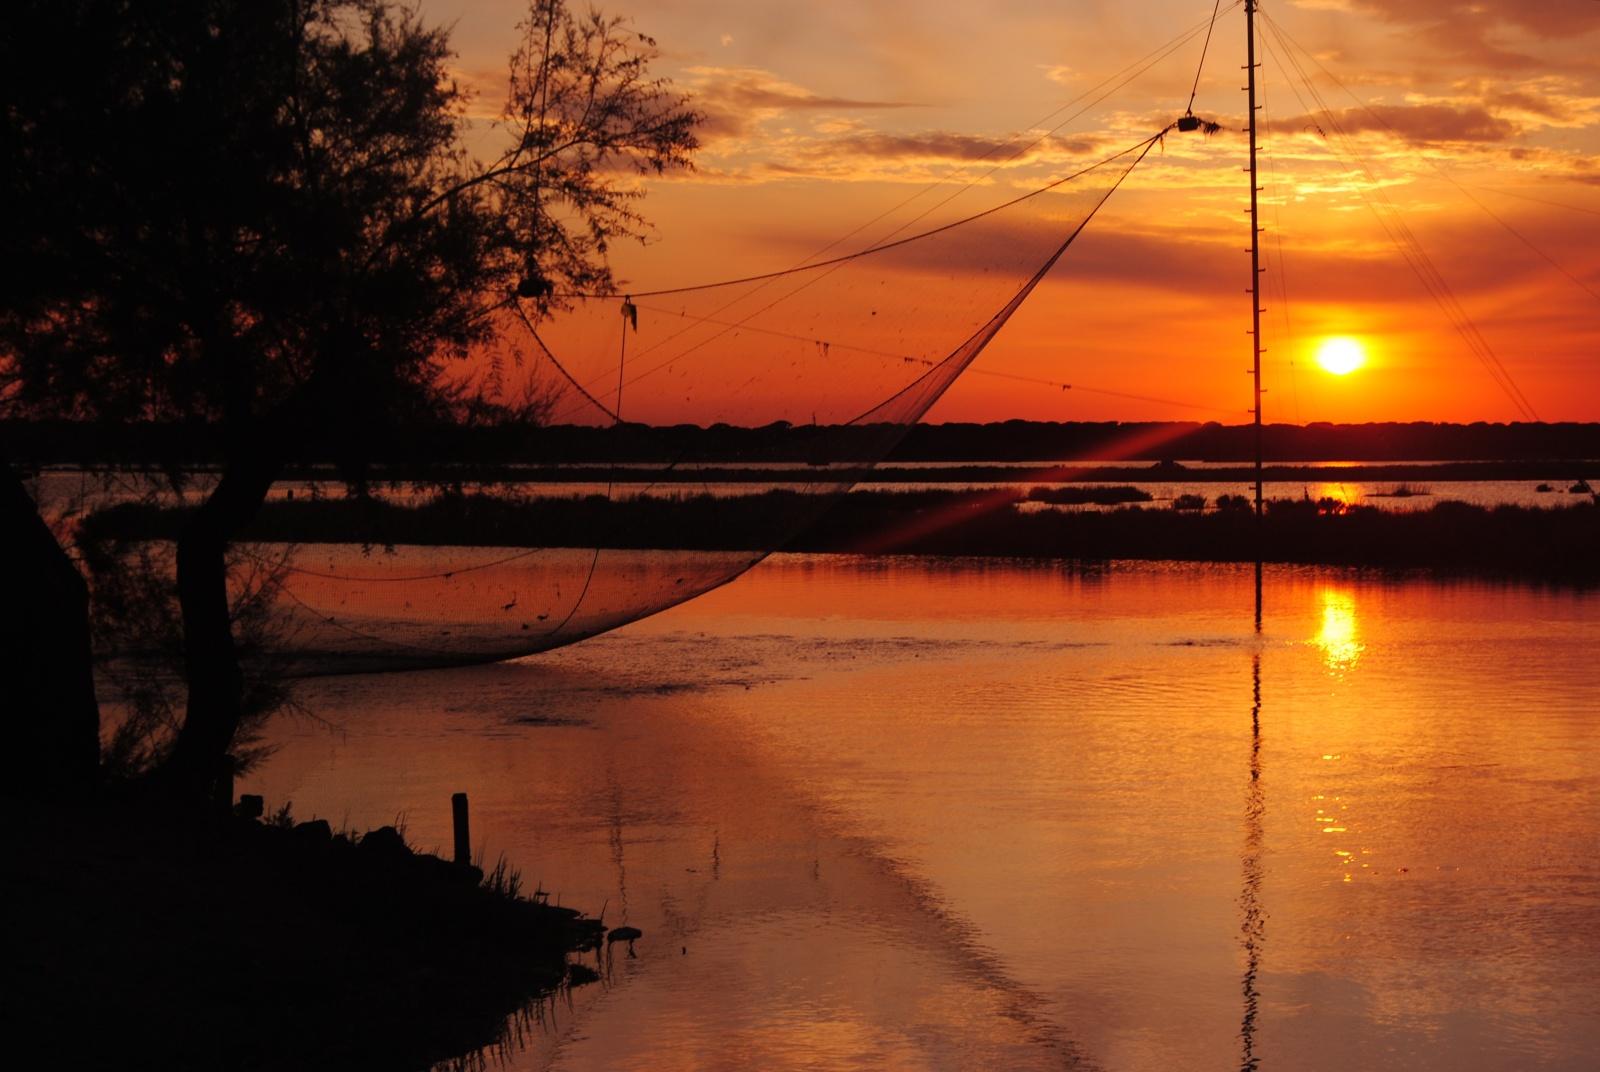 Pesca e Tramonto - Piallassa Story - Piallassa Baiona